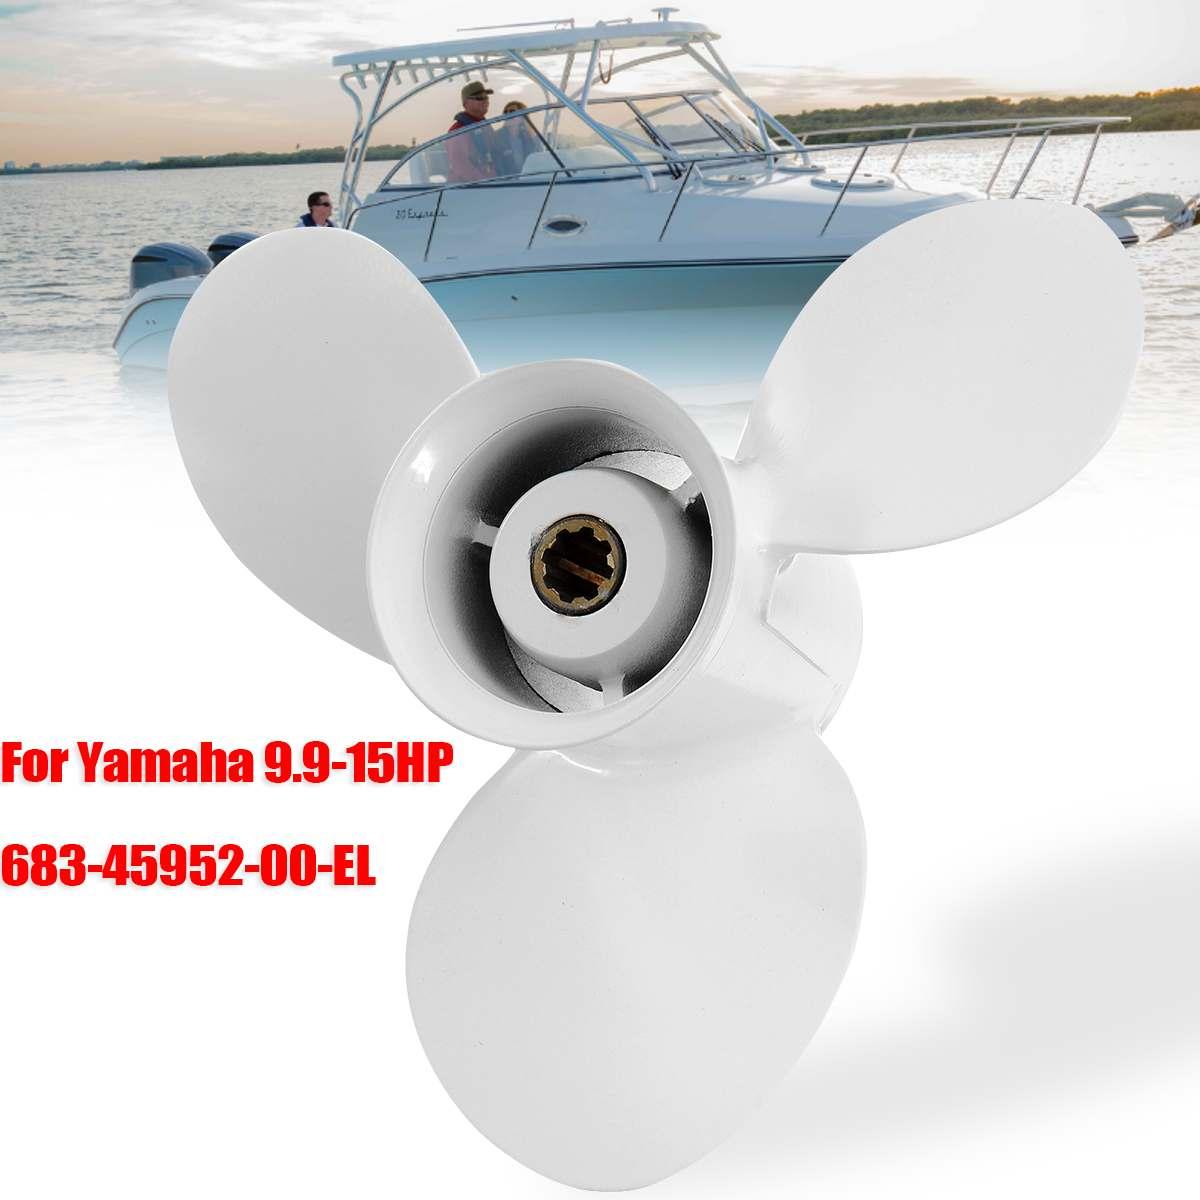 683-45952-00-EL 9 1/4x9 3/4 Barca Fuoribordo Elica Per Yamaha 9.9-15HP In Lega di Alluminio 3 Lame 8 Spline tooths Bianco